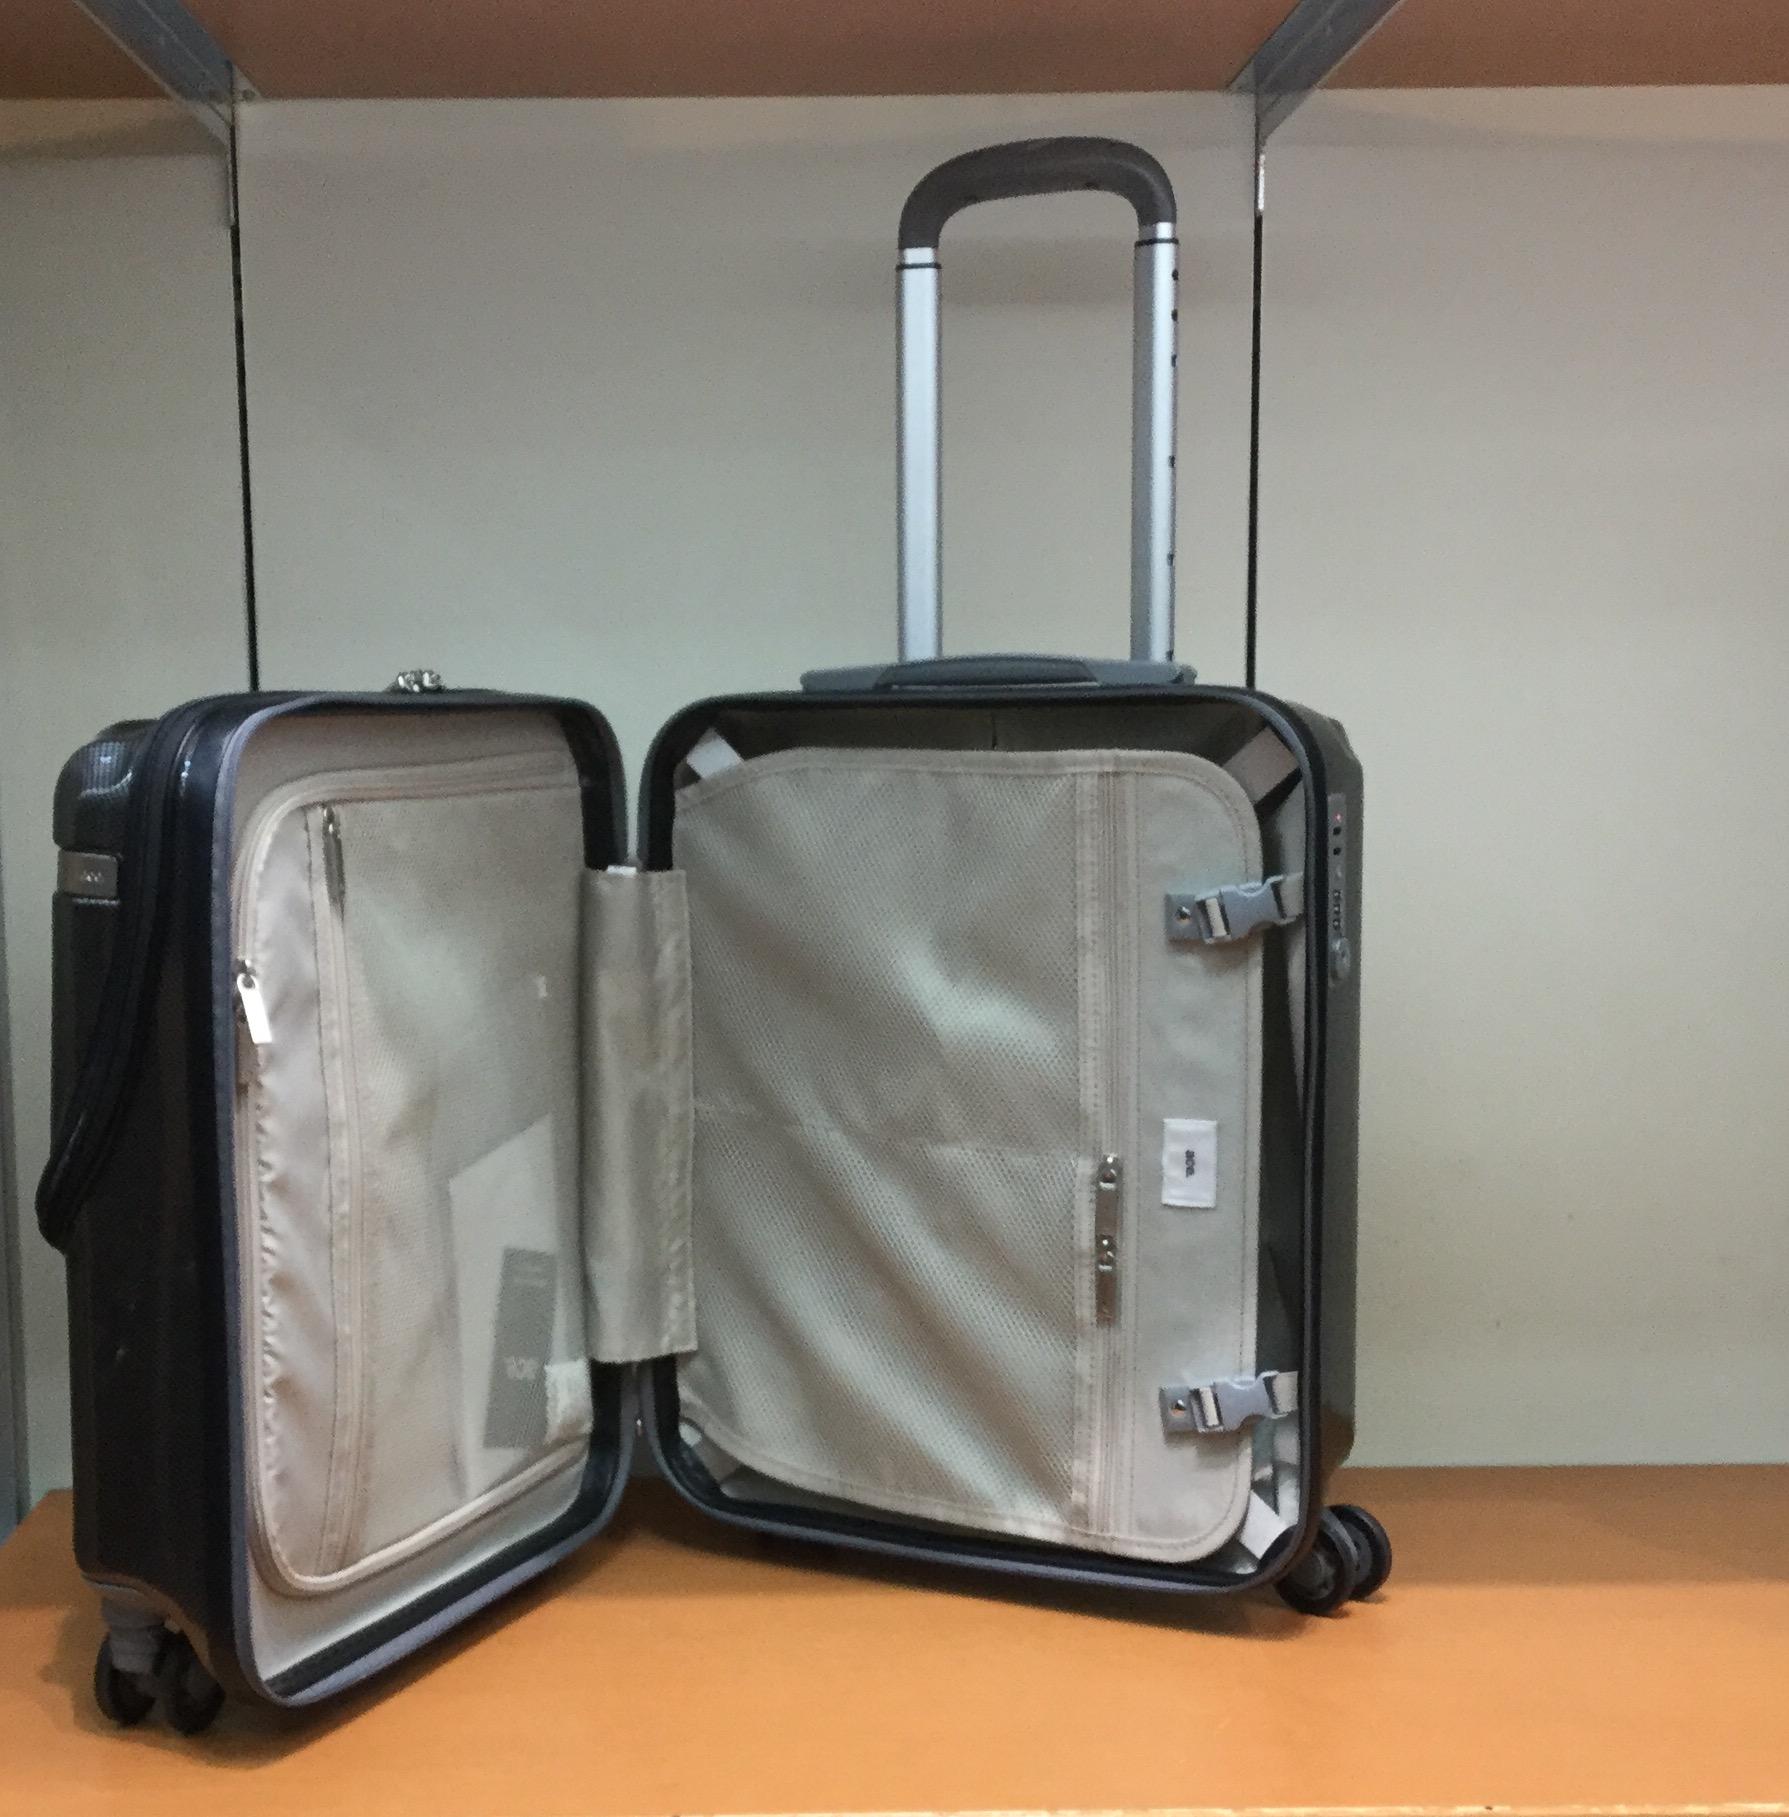 ここが新機能‼︎頻繁に出し入れする方におススメ一押しスーツケース!